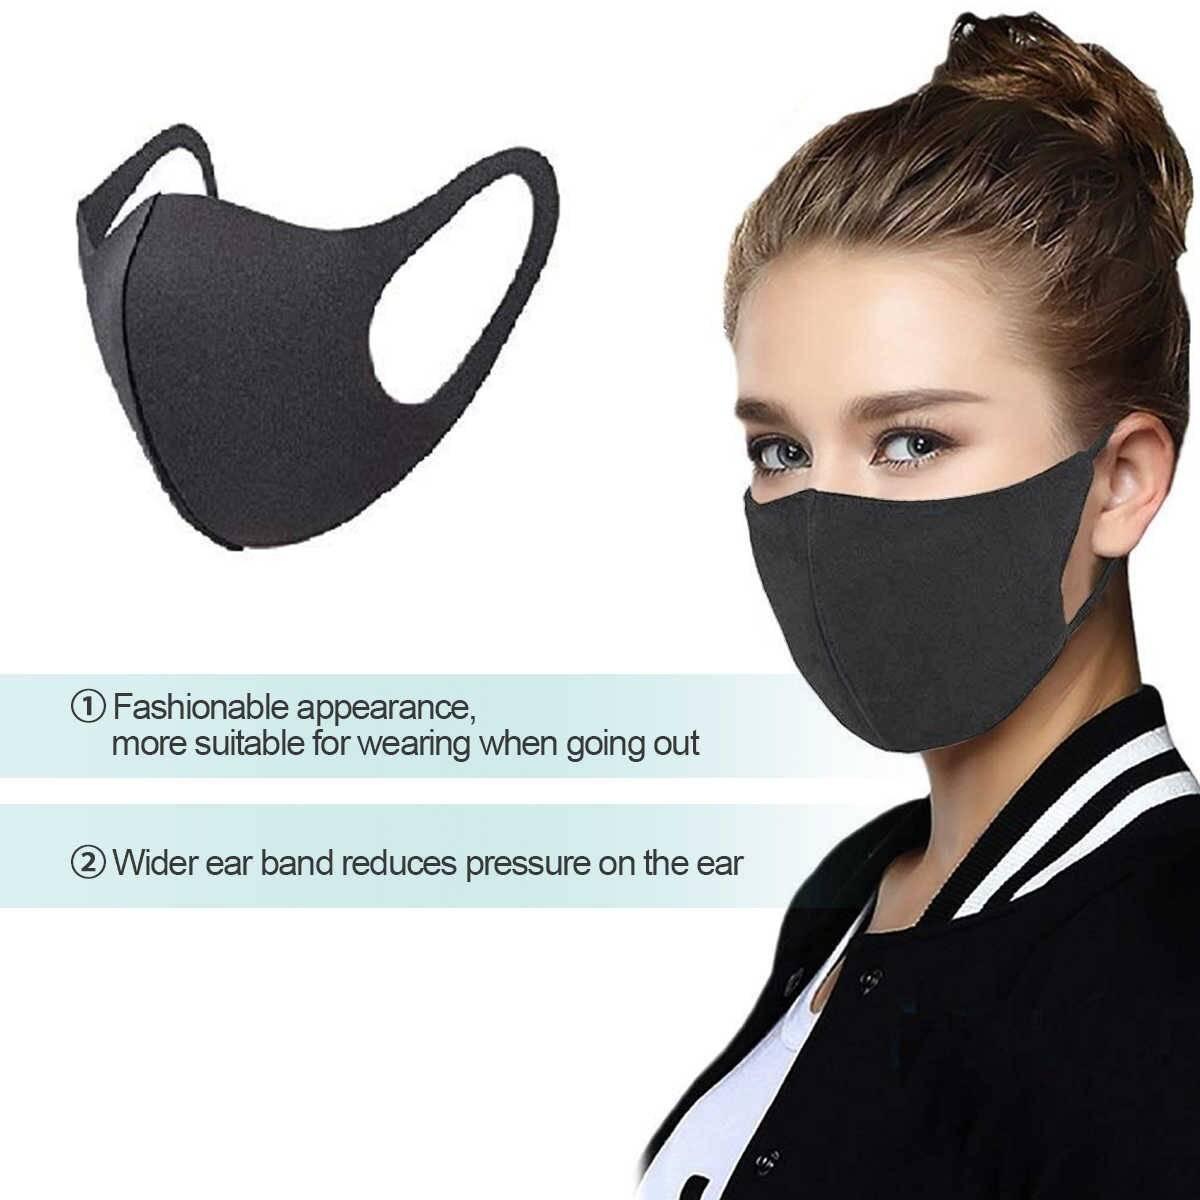 Лучшие идеи изготовления медицинских масок своими руками